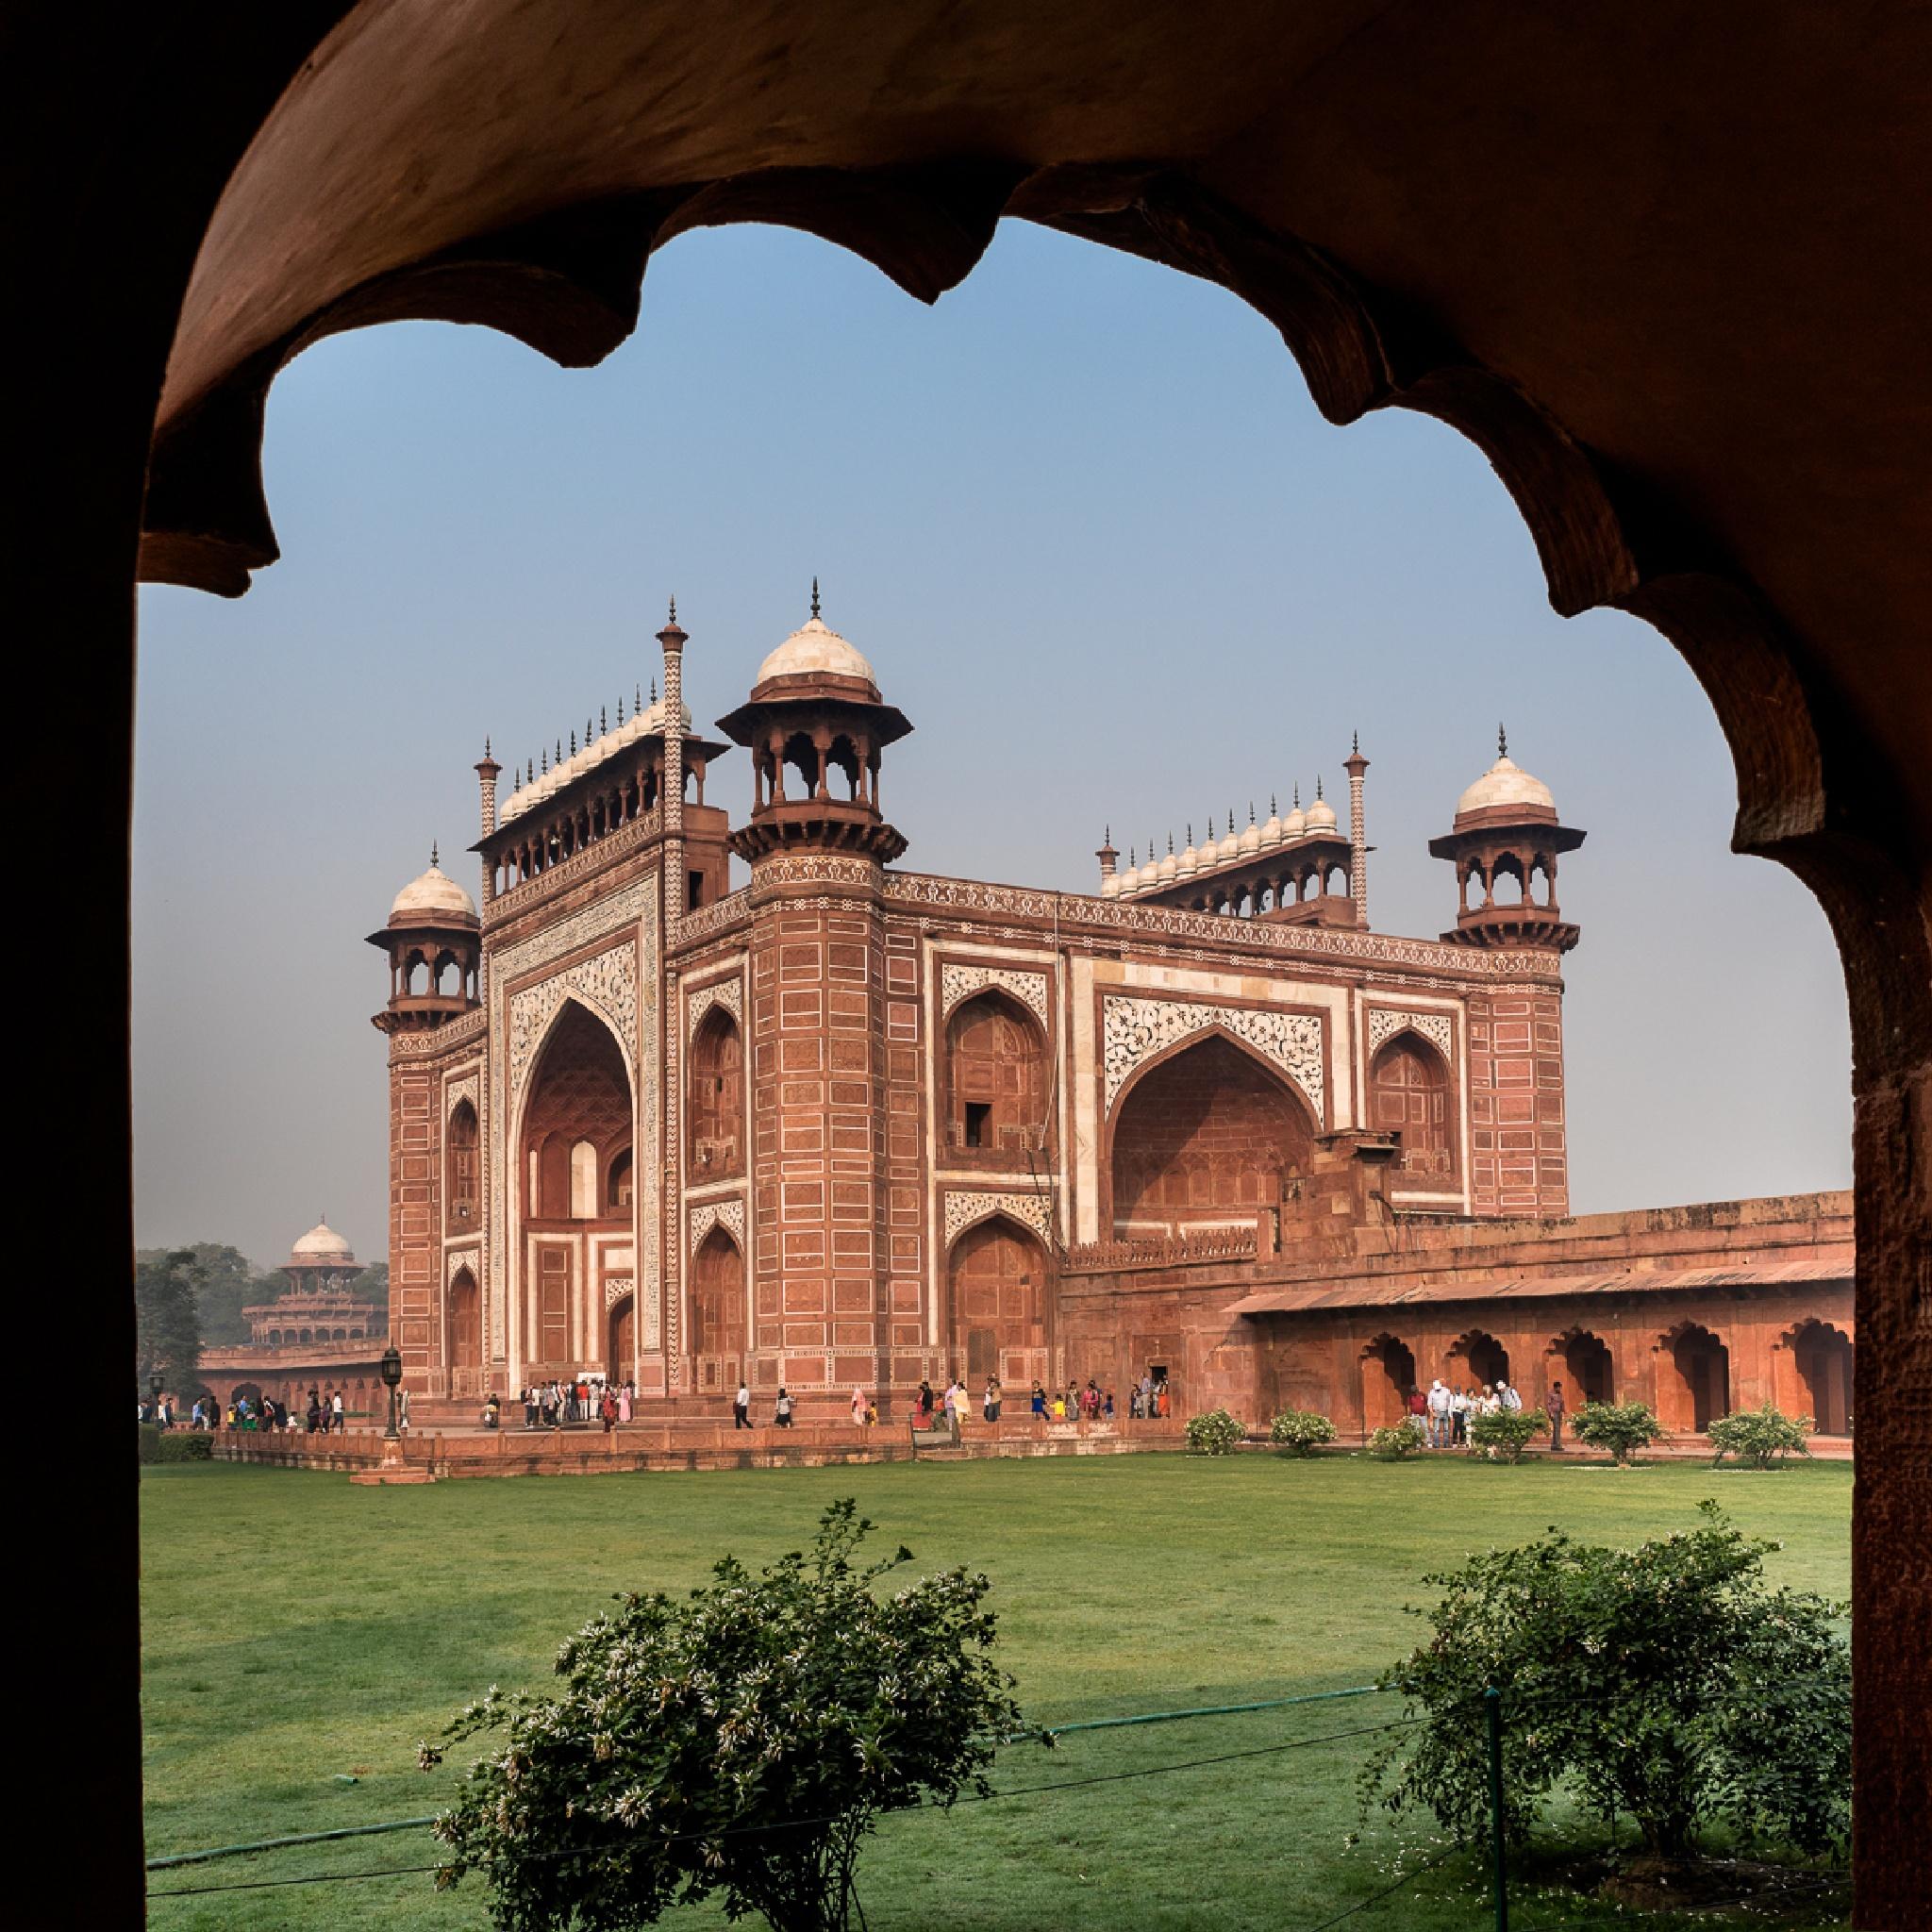 Gateway to Taj Mahal by William Yu Photography